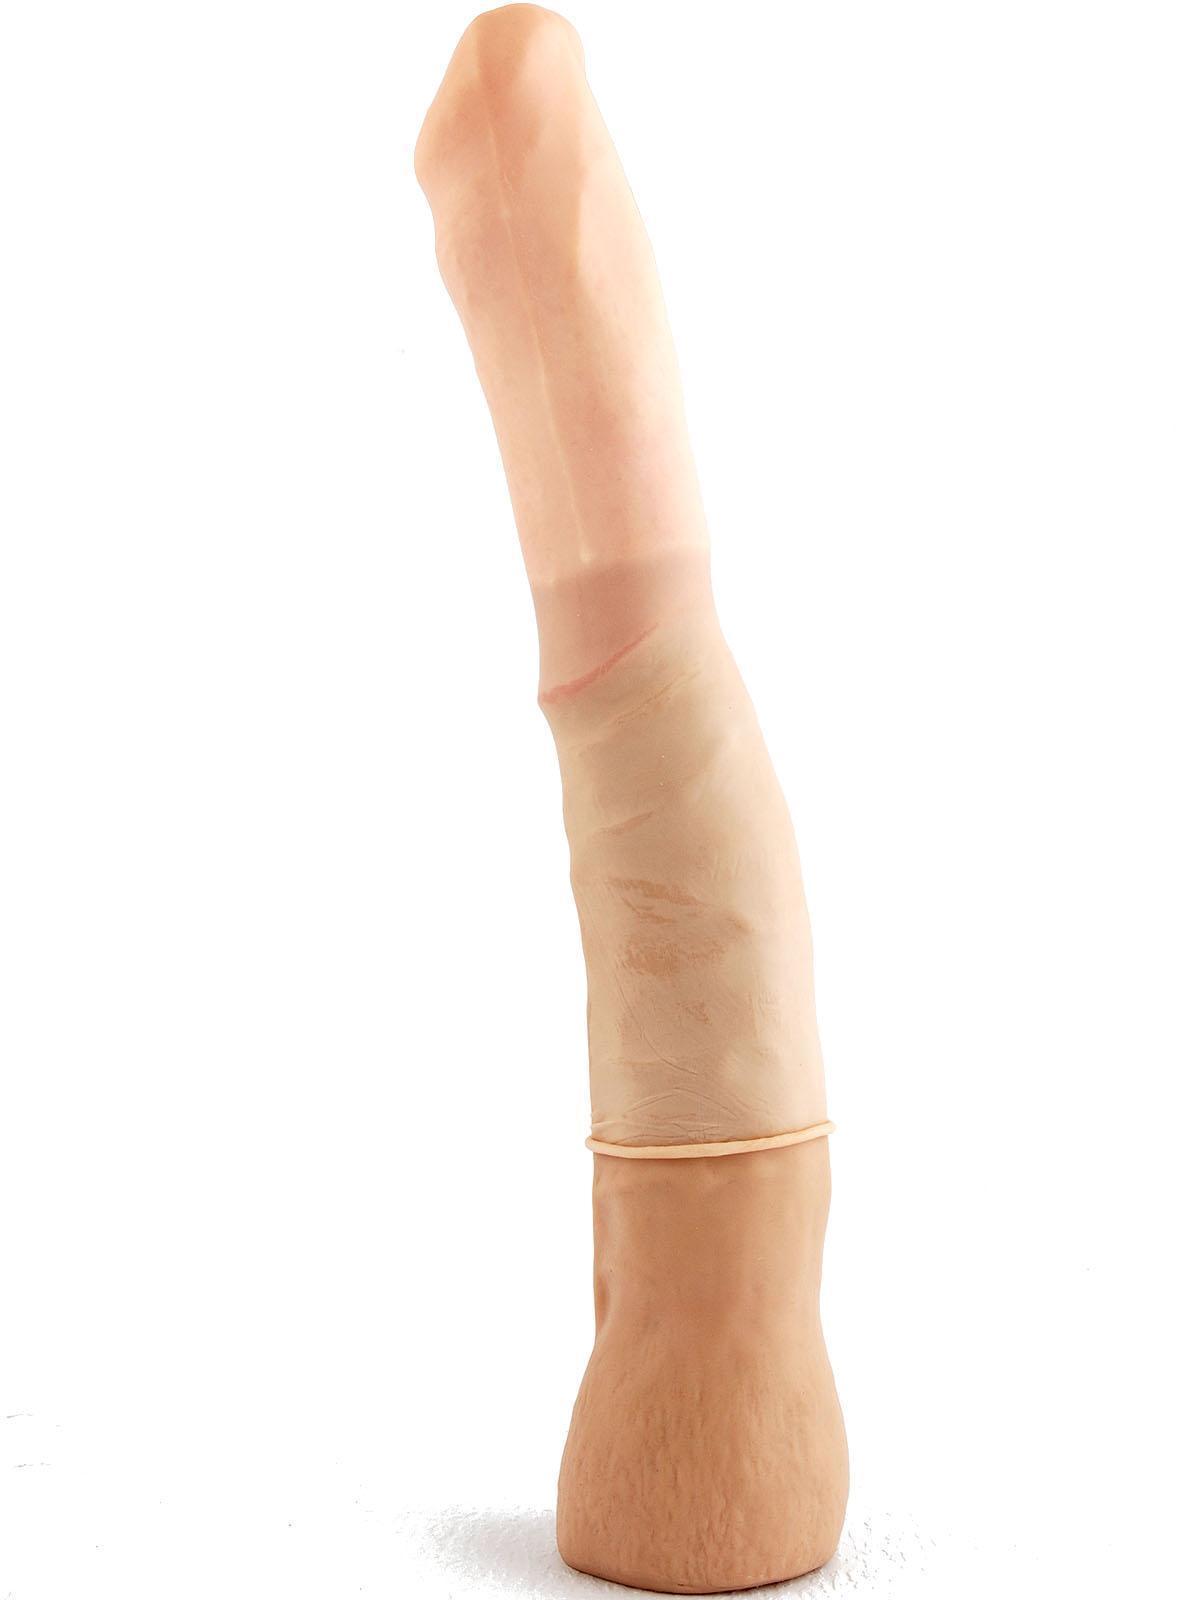 prelungitor al penisului din care poate picura de la capătul penisului